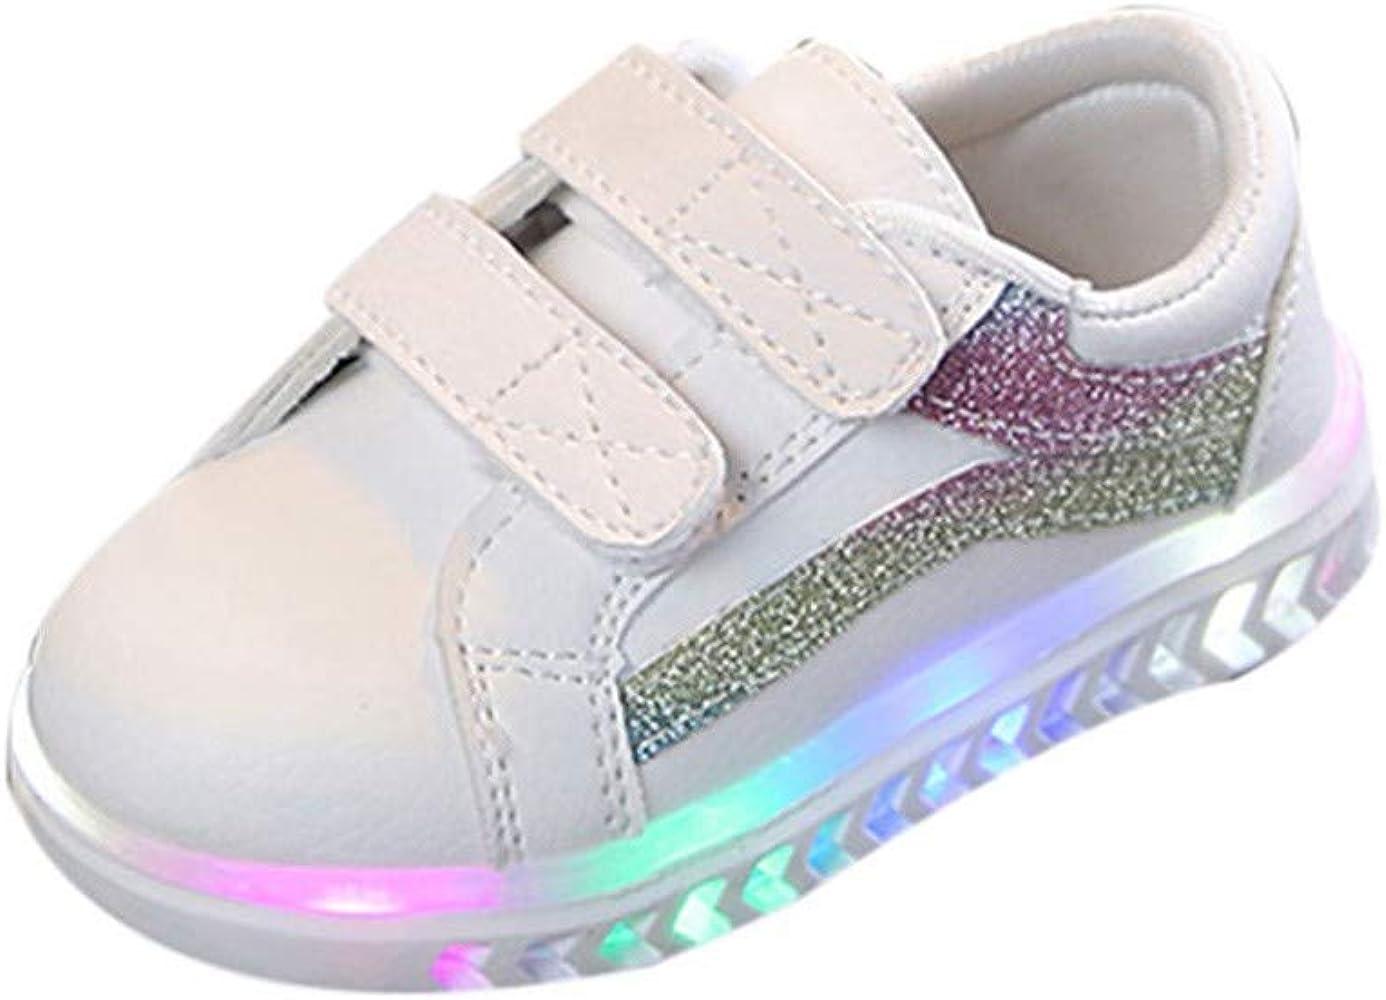 Girls Disney Infinity Slippers UK Infant Size 9,10,UK Kid Size 12,13 /& UK Size 1